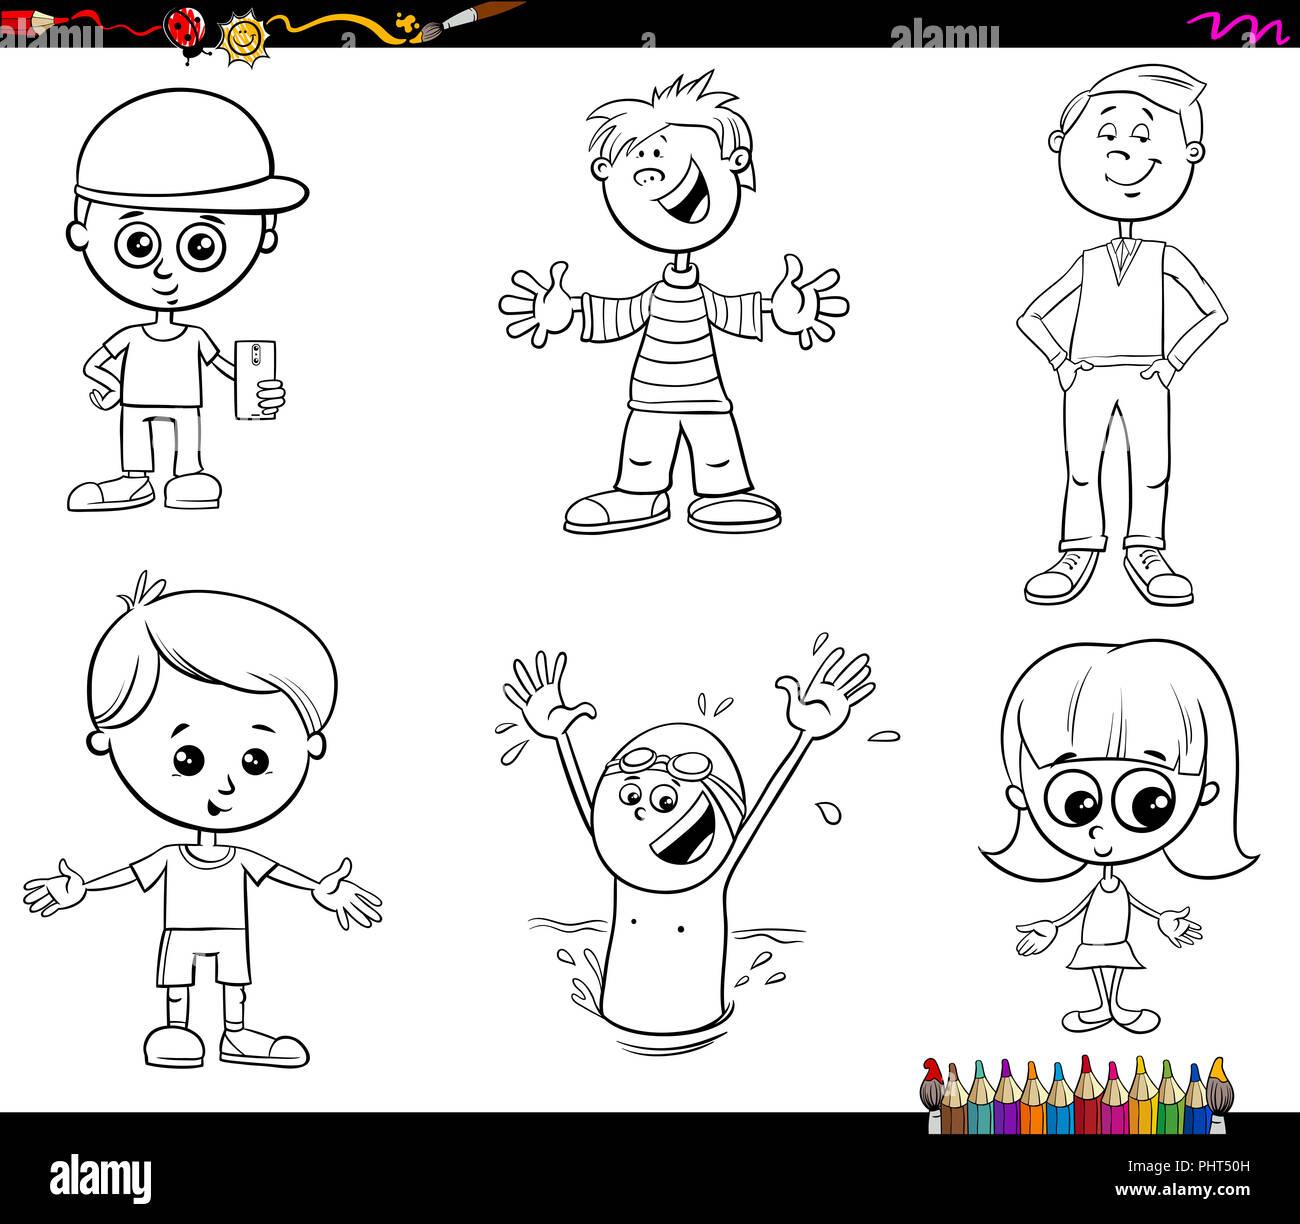 Personaggio Del Libro Per Bambini Immagini E Fotos Stock Alamy